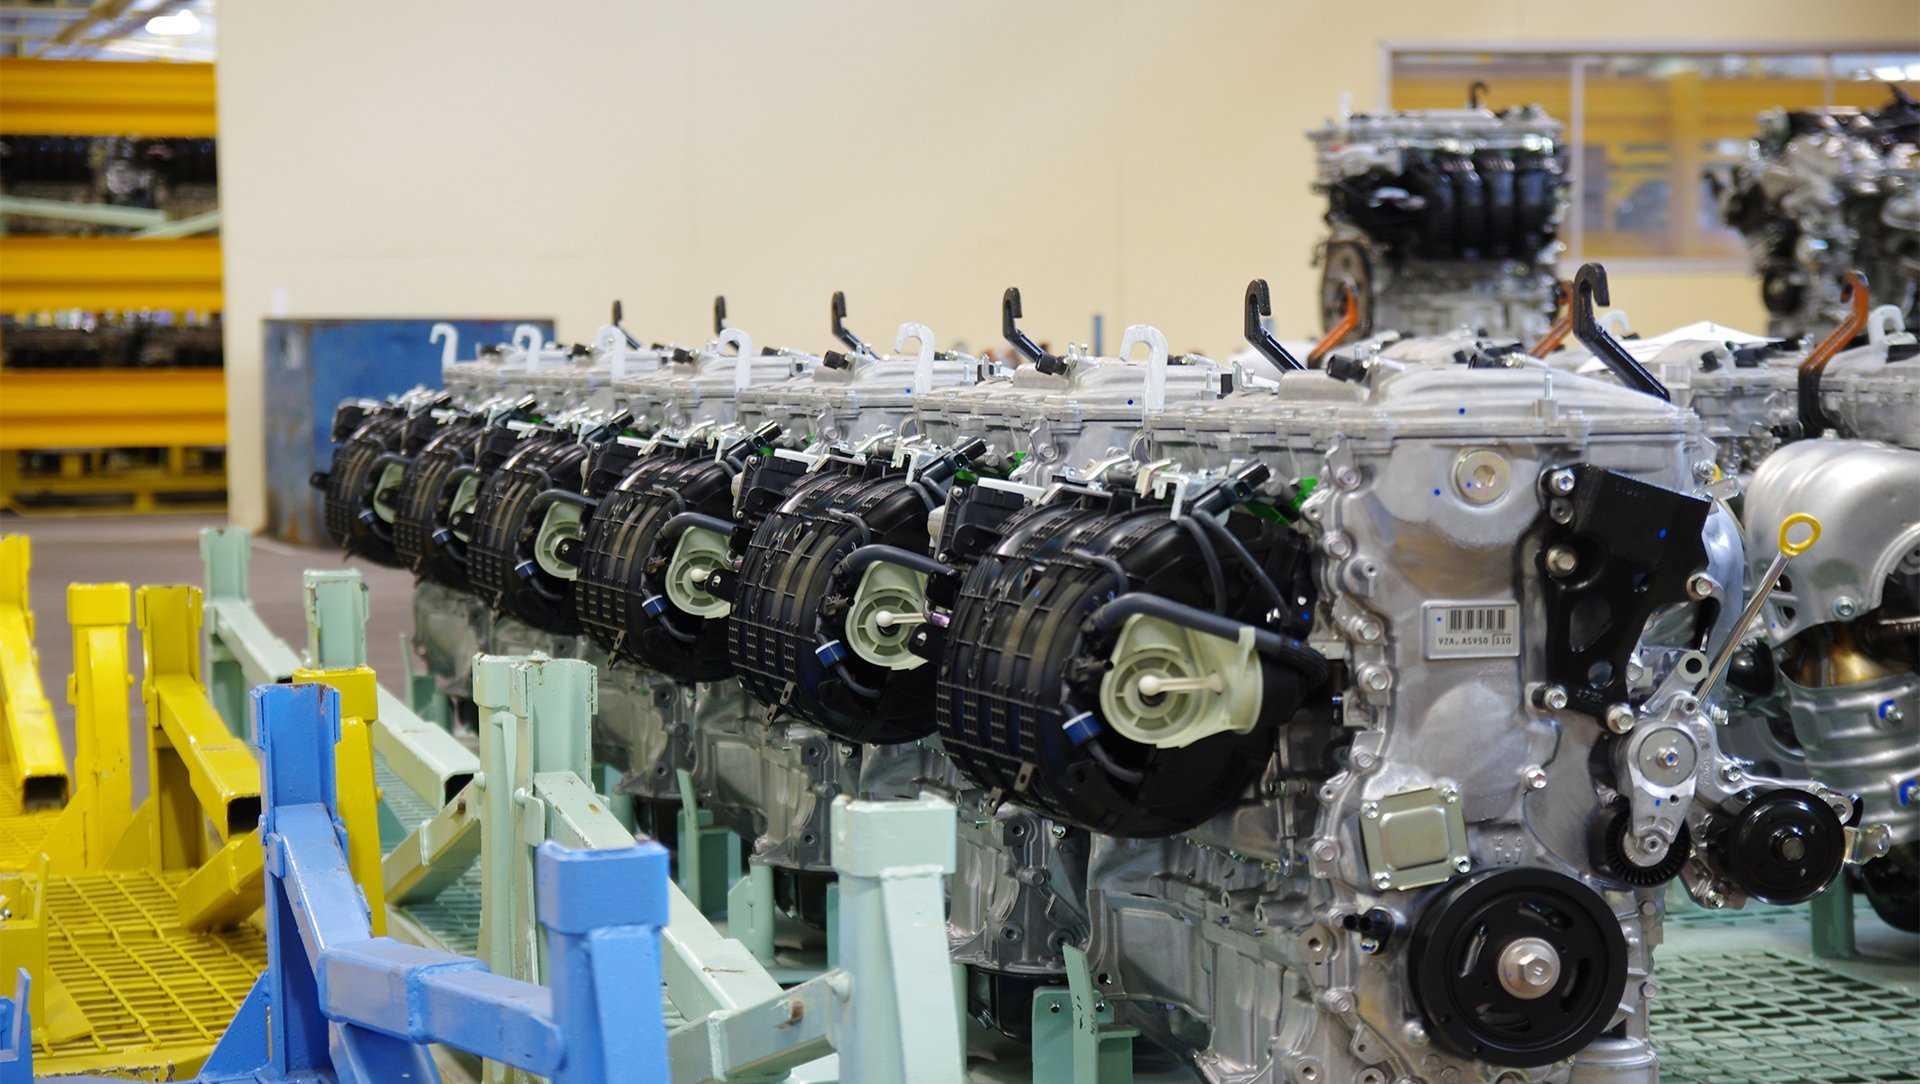 «будущее — за гибридными двигателями»: как новая силовая установка может изменить облик гражданской авиации в рф — рт на русском